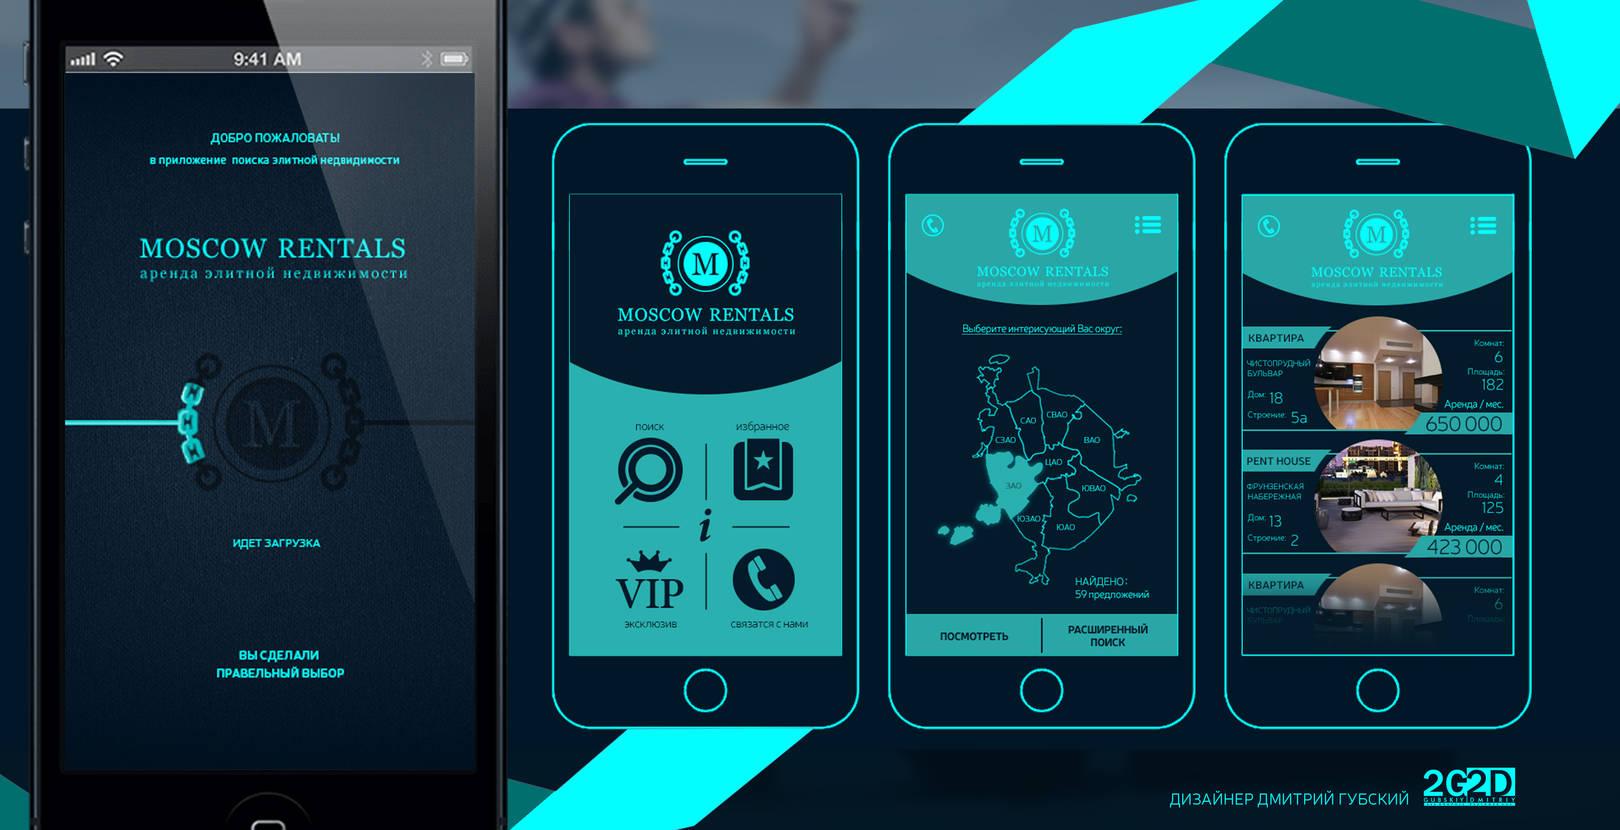 мобильное приложение Mosсow Rentals